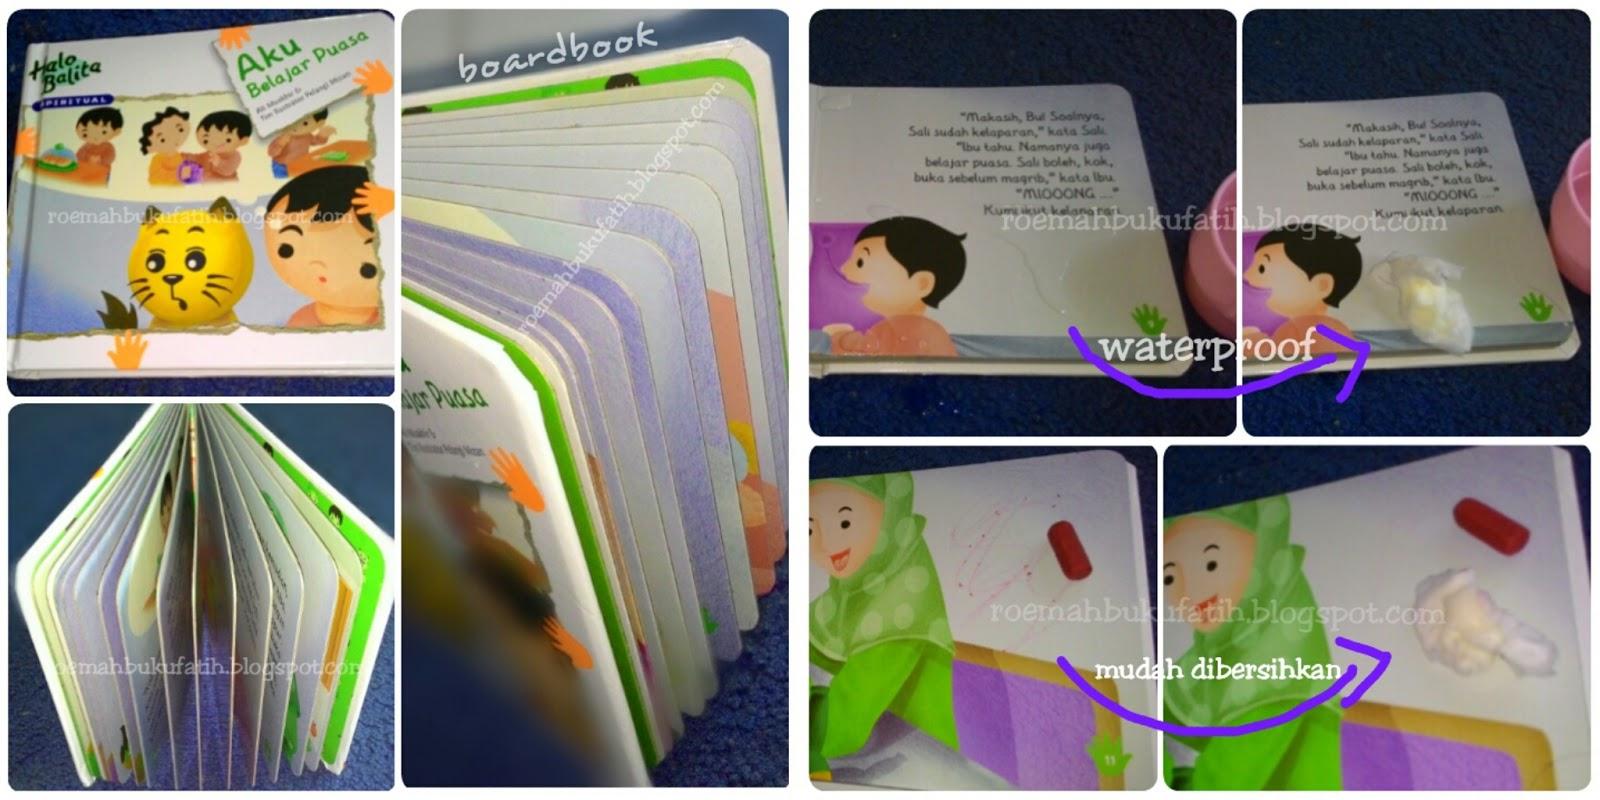 Daftar Harga 100 Fabel Pilihan Ebook Anak Termurah 2018 0482741 Gaia Color 050 Clear White 15ml 33050 Roemah Buku Fatih Sehingga Ini Pun Dibuat Full Colour Dengan Gambar